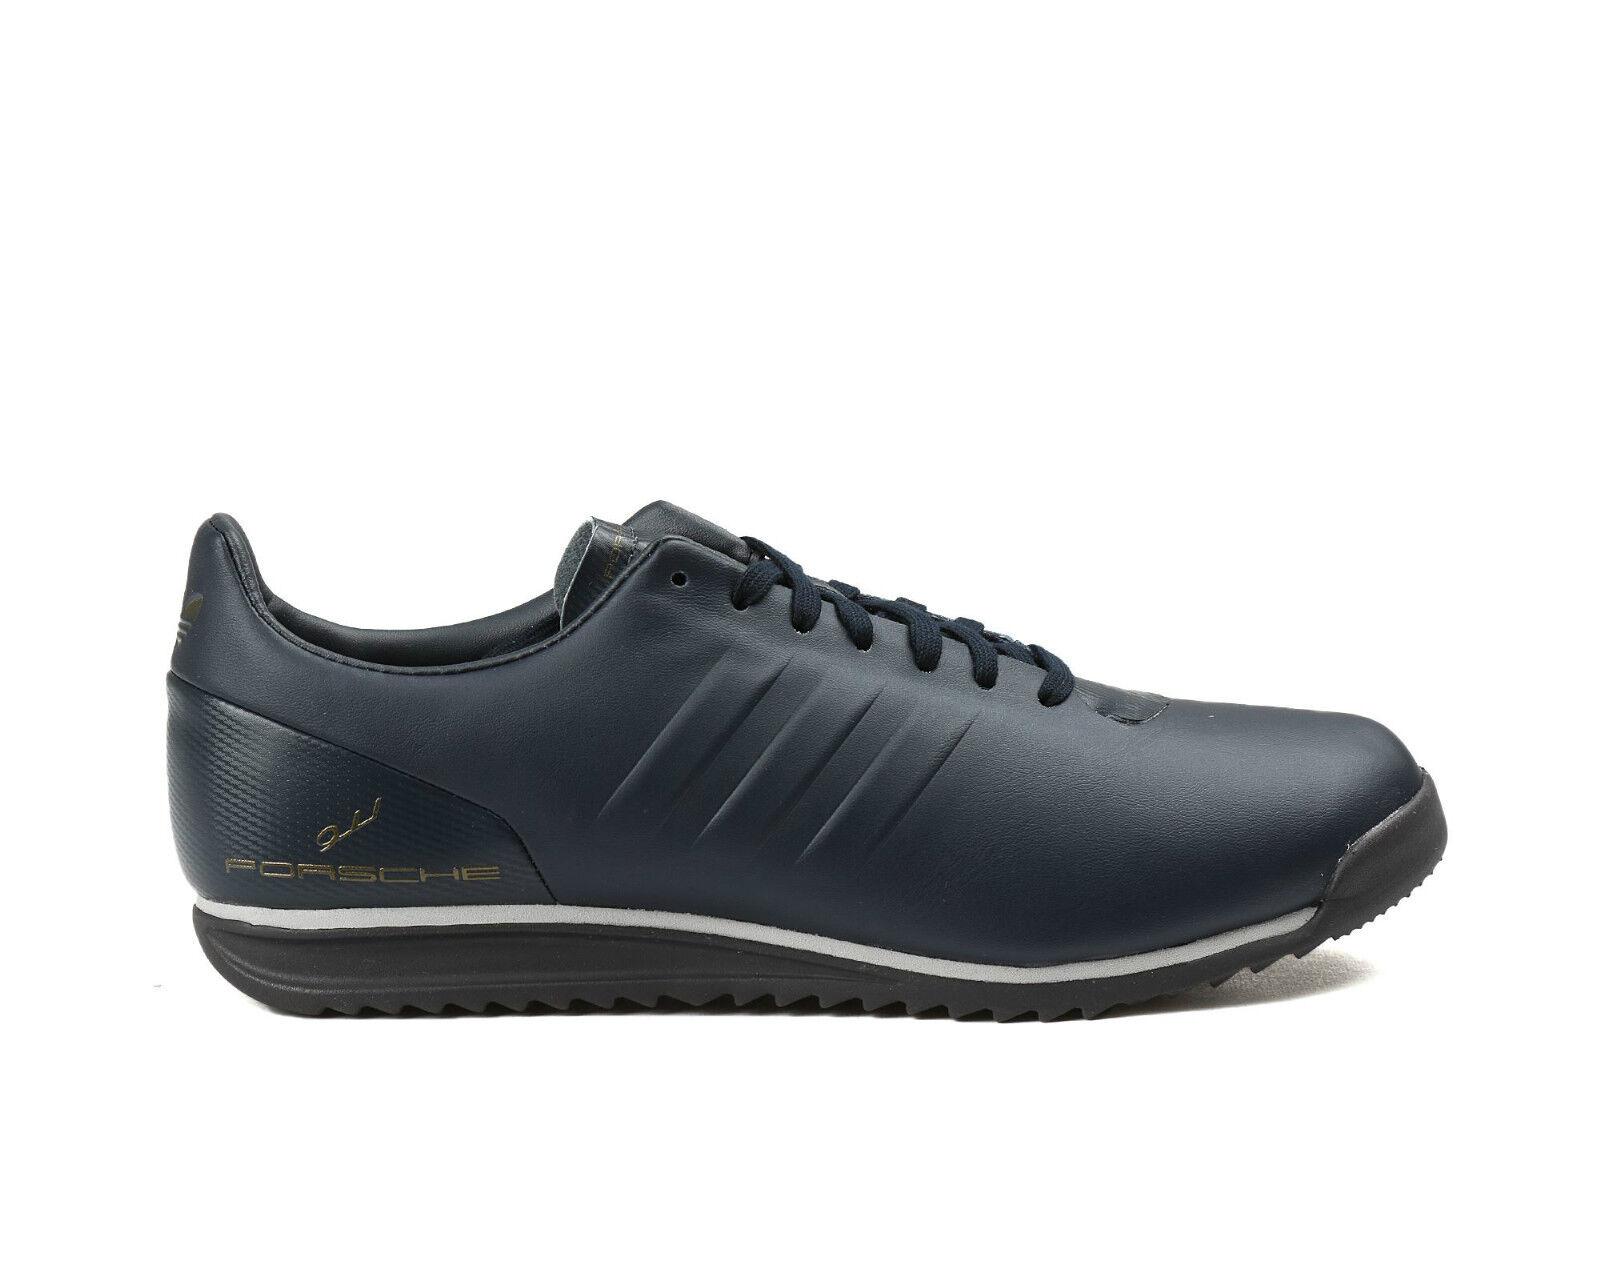 Men's Shoes * PORSCHE DESIGN-PORSCHE 911 S * S76114 *REDUCED - * FINAL SALE !